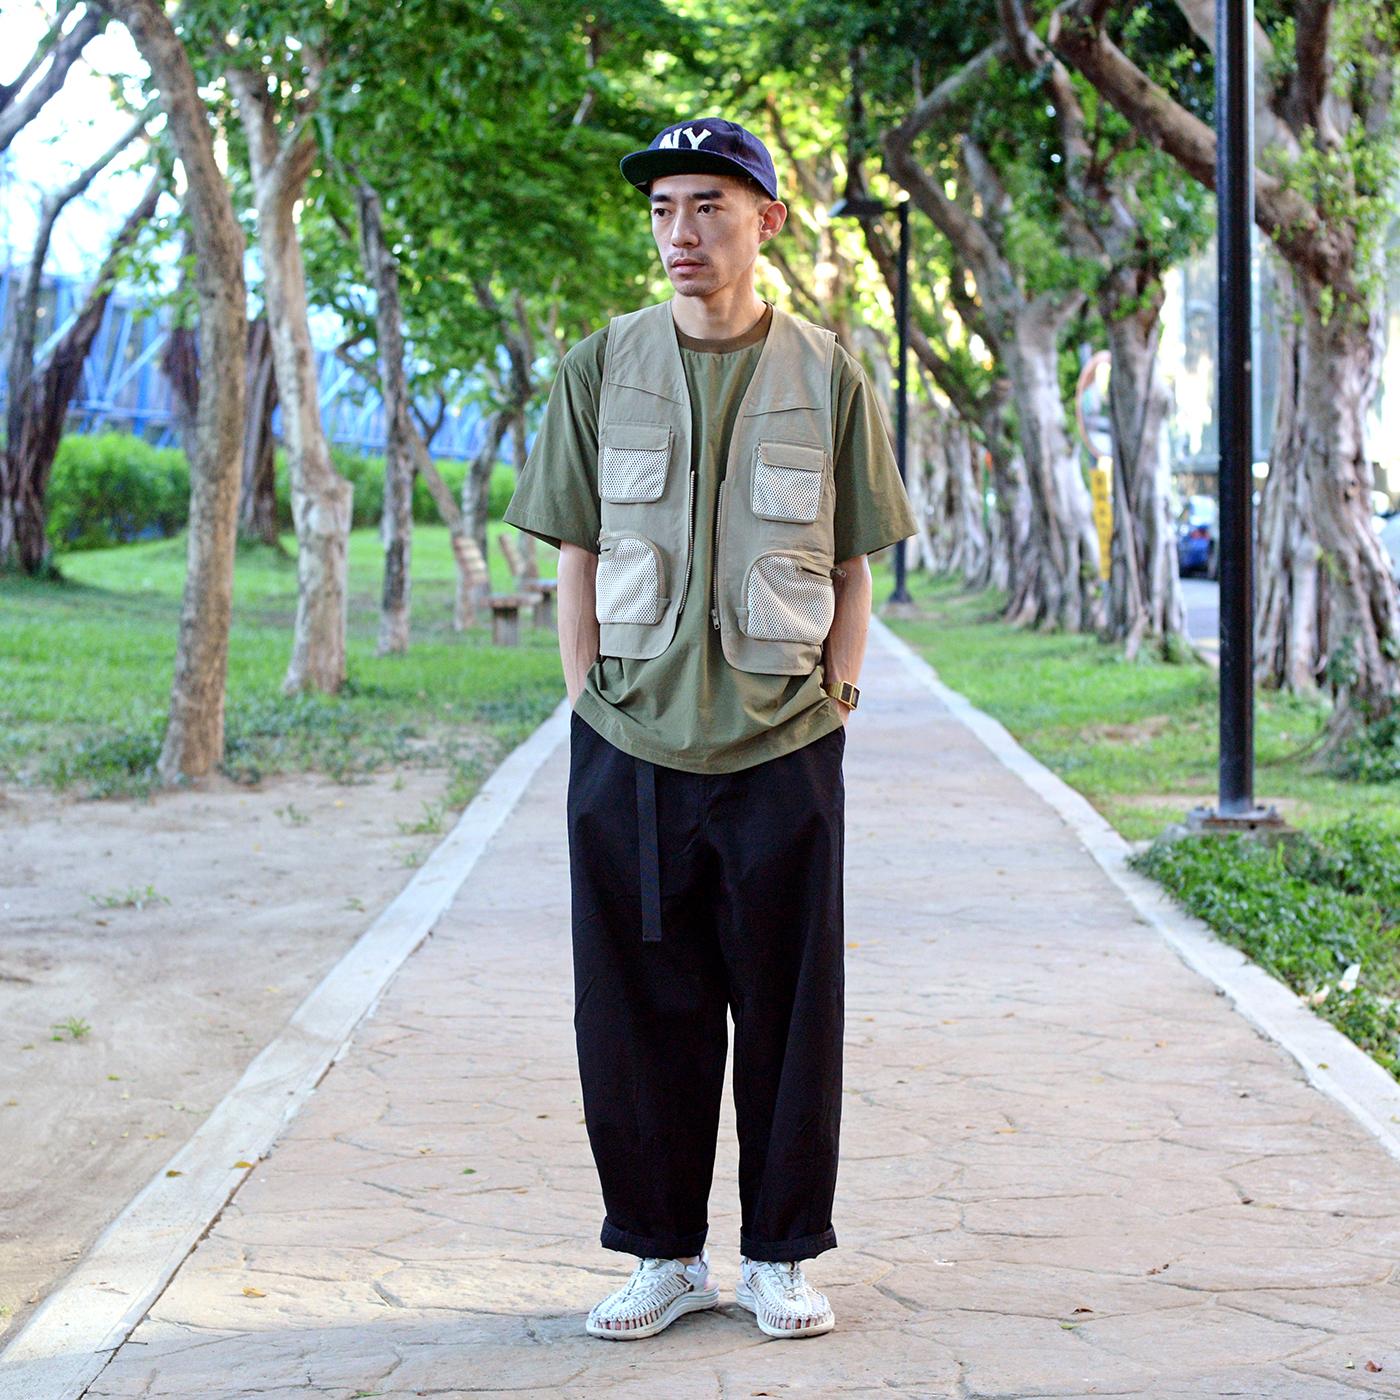 搭配,街拍,穿搭,換季穿搭,搭配提案,服裝,釣魚背心,寬褲,繭型,COP